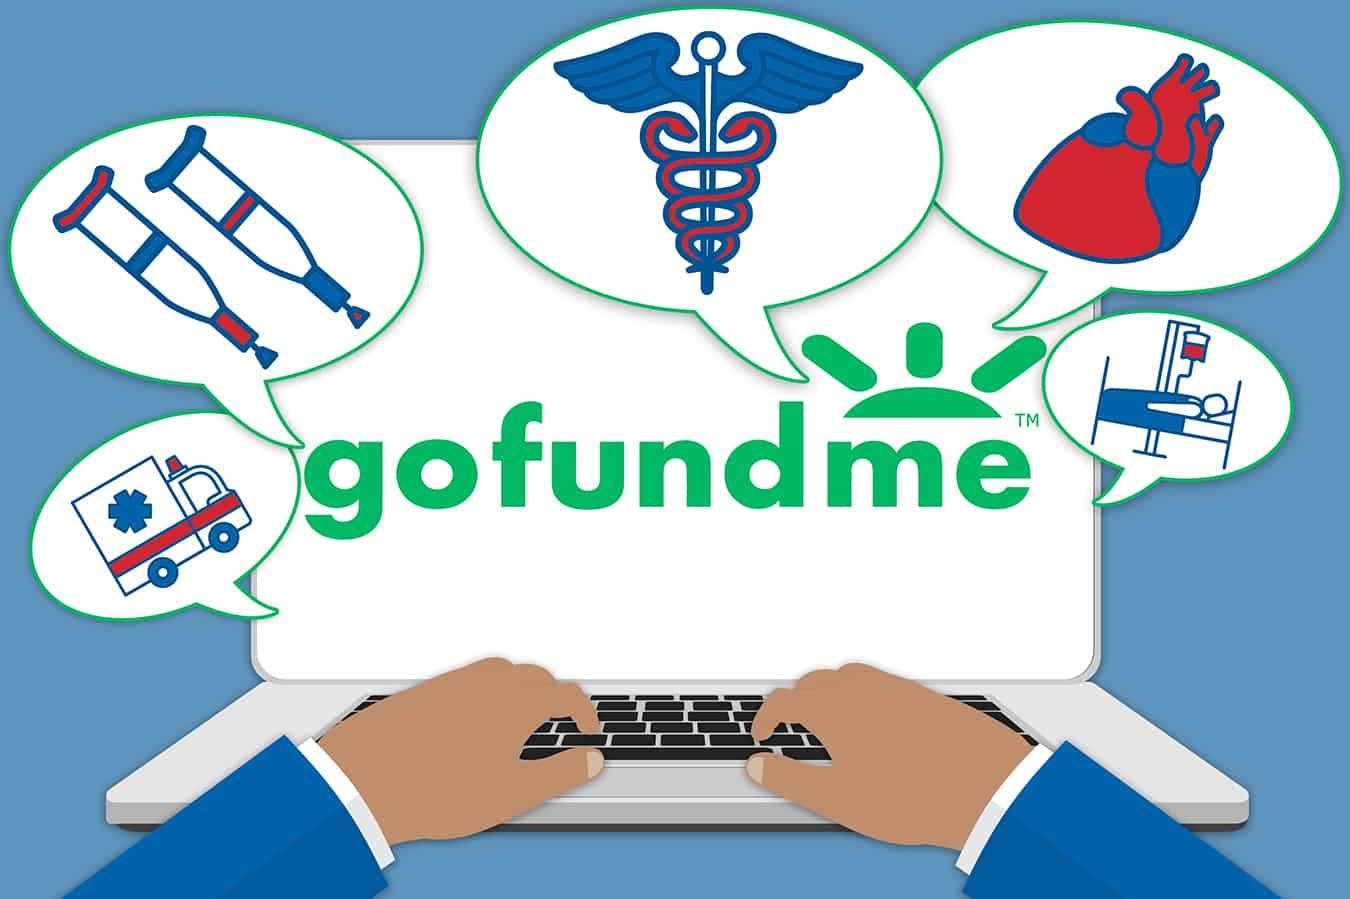 Create Gofundme Account - Starting your GoFundMe